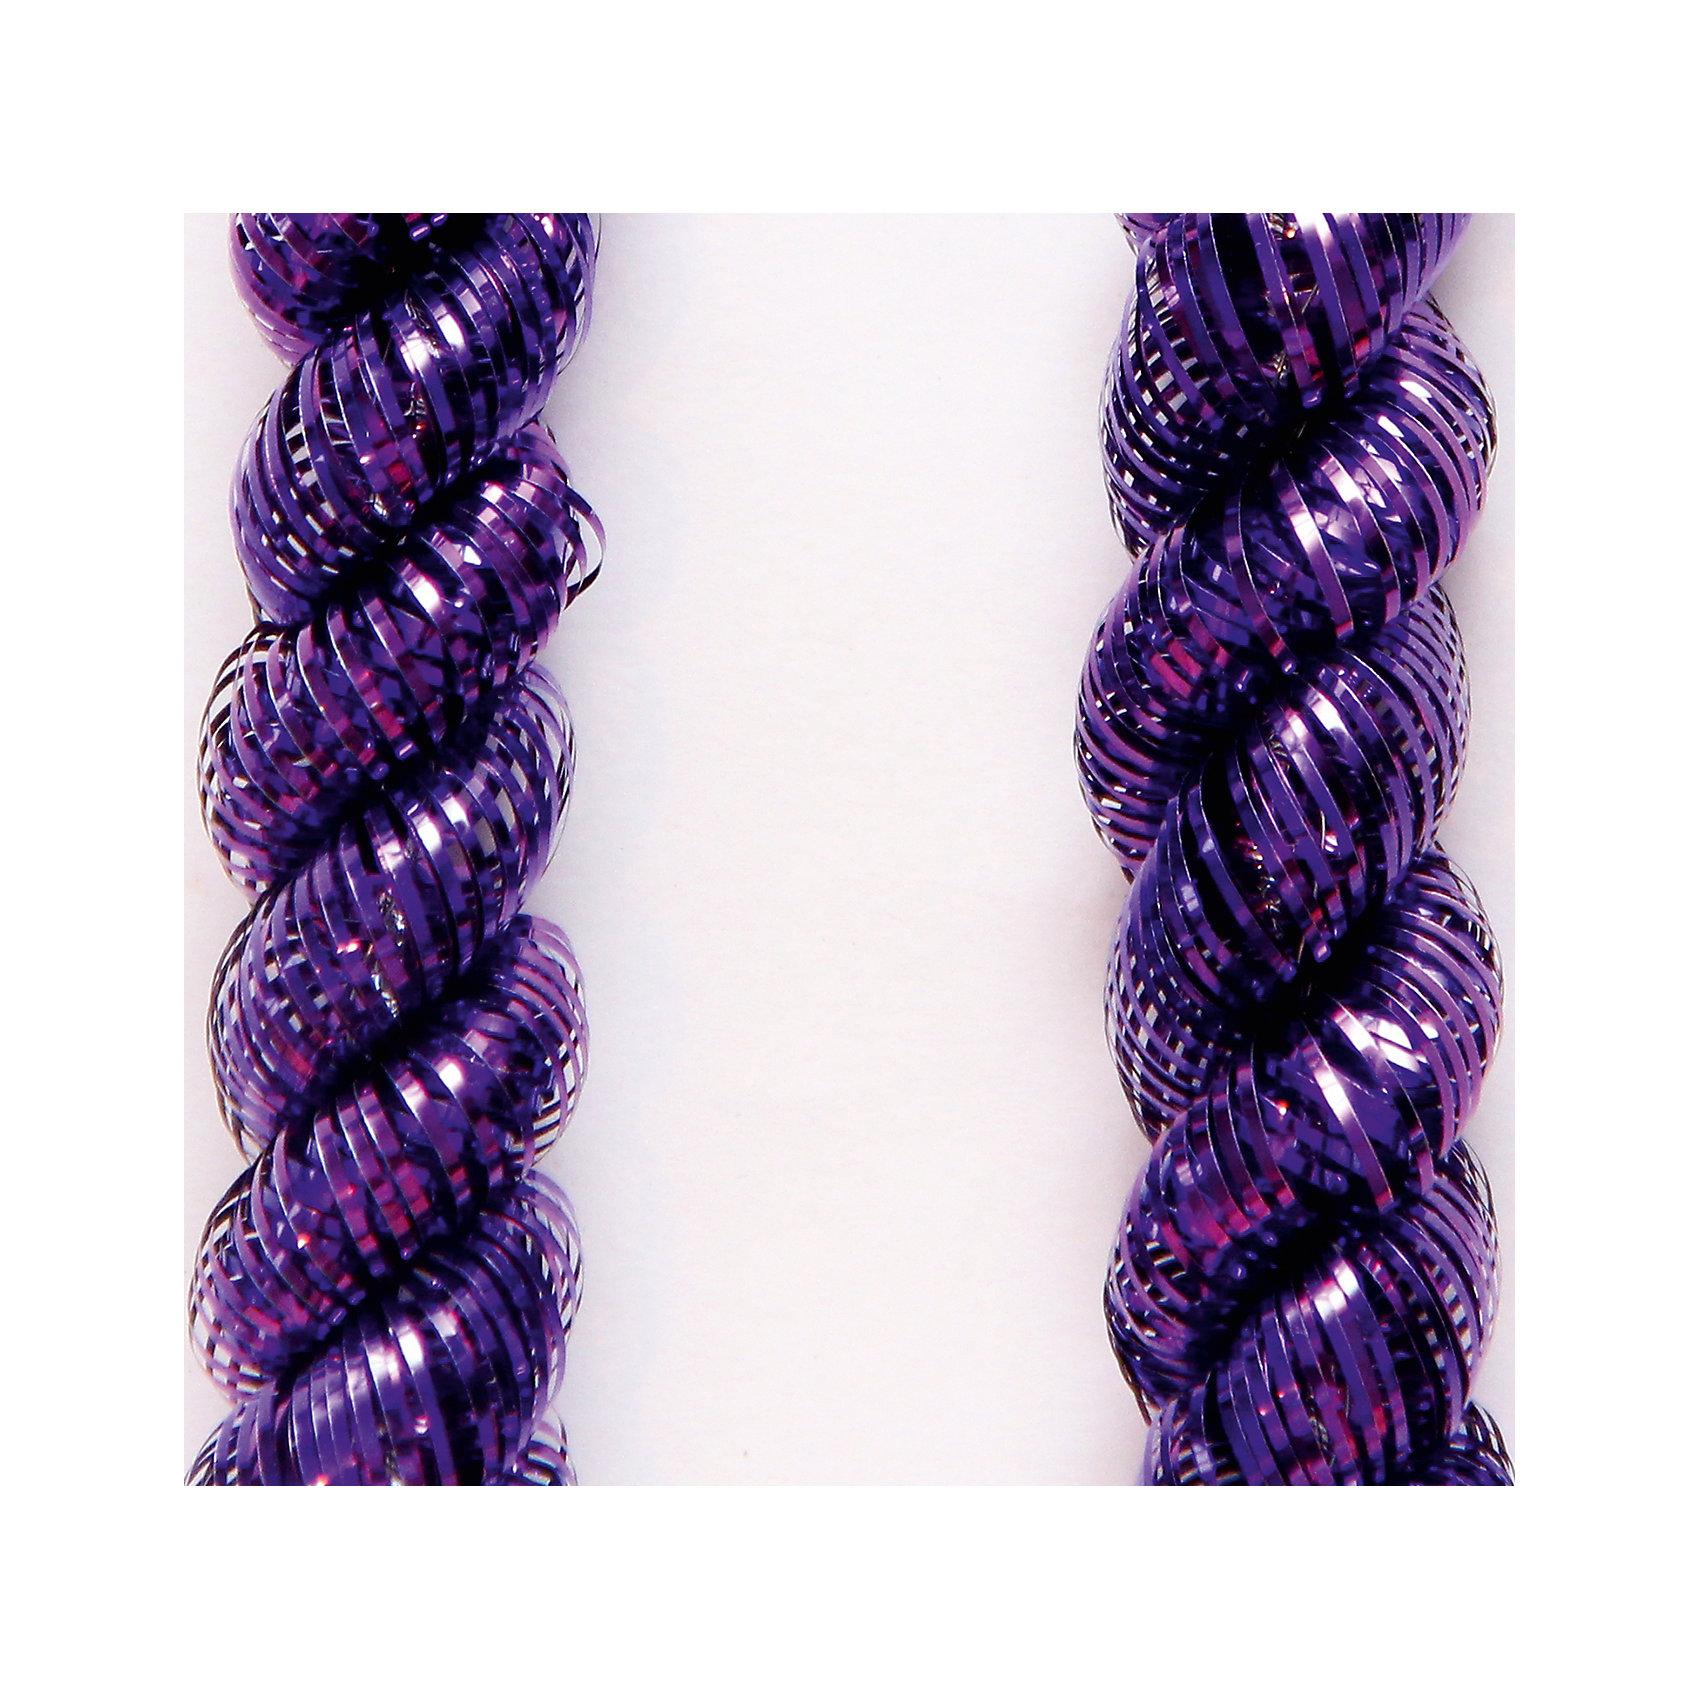 Мишура Пурпурный 5*200 смВсё для праздника<br>Мишура в пурпурном цвете отлично подойдет для украшения вашего дома. Она не будет сыпаться, поэтому останется яркой и блестящей и будет радовать вас ещё не один год. <br><br>Характеристика:<br>-Размер: 5 м 200 см<br>-Цвет: пурпурный<br>-Арт.: 34869<br><br>Мишуру Пурпурный можно приобрести в нашем интернет-магазине.<br><br>Ширина мм: 100<br>Глубина мм: 100<br>Высота мм: 60<br>Вес г: 17<br>Возраст от месяцев: 36<br>Возраст до месяцев: 2147483647<br>Пол: Унисекс<br>Возраст: Детский<br>SKU: 4981434